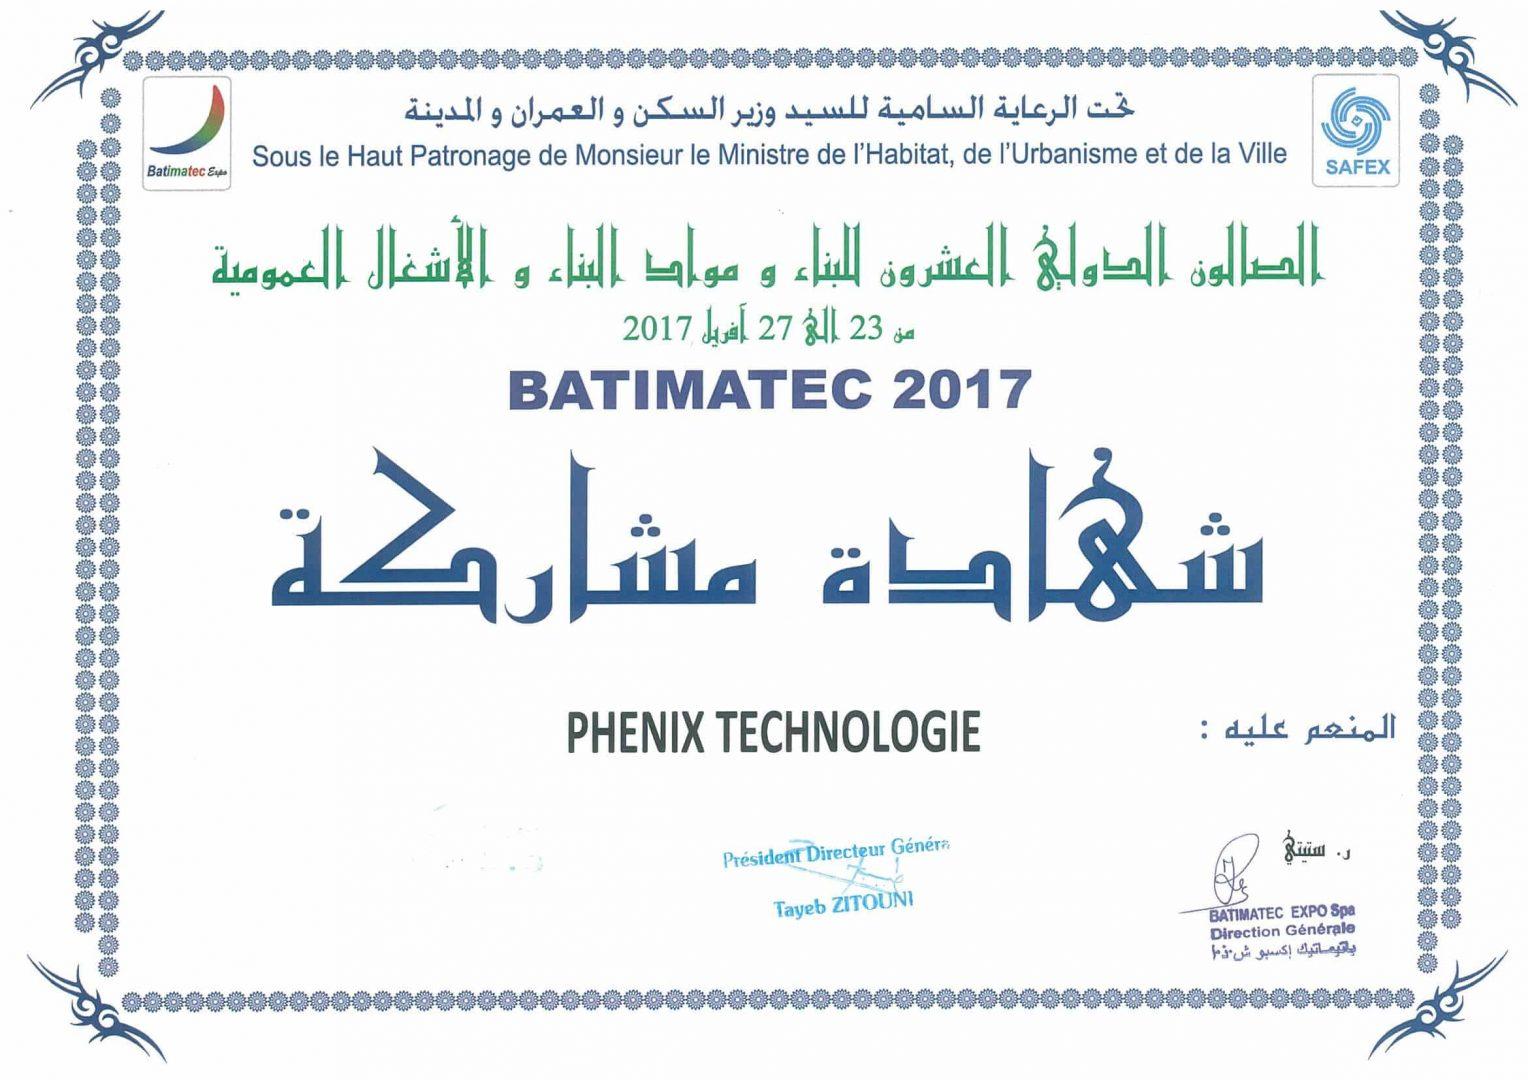 BATIMATEC e1496303550158 - Phénix Technologie présent à ALGER du 22 au 26 avril 2018 à la 21 ème édition de BATIMATEC